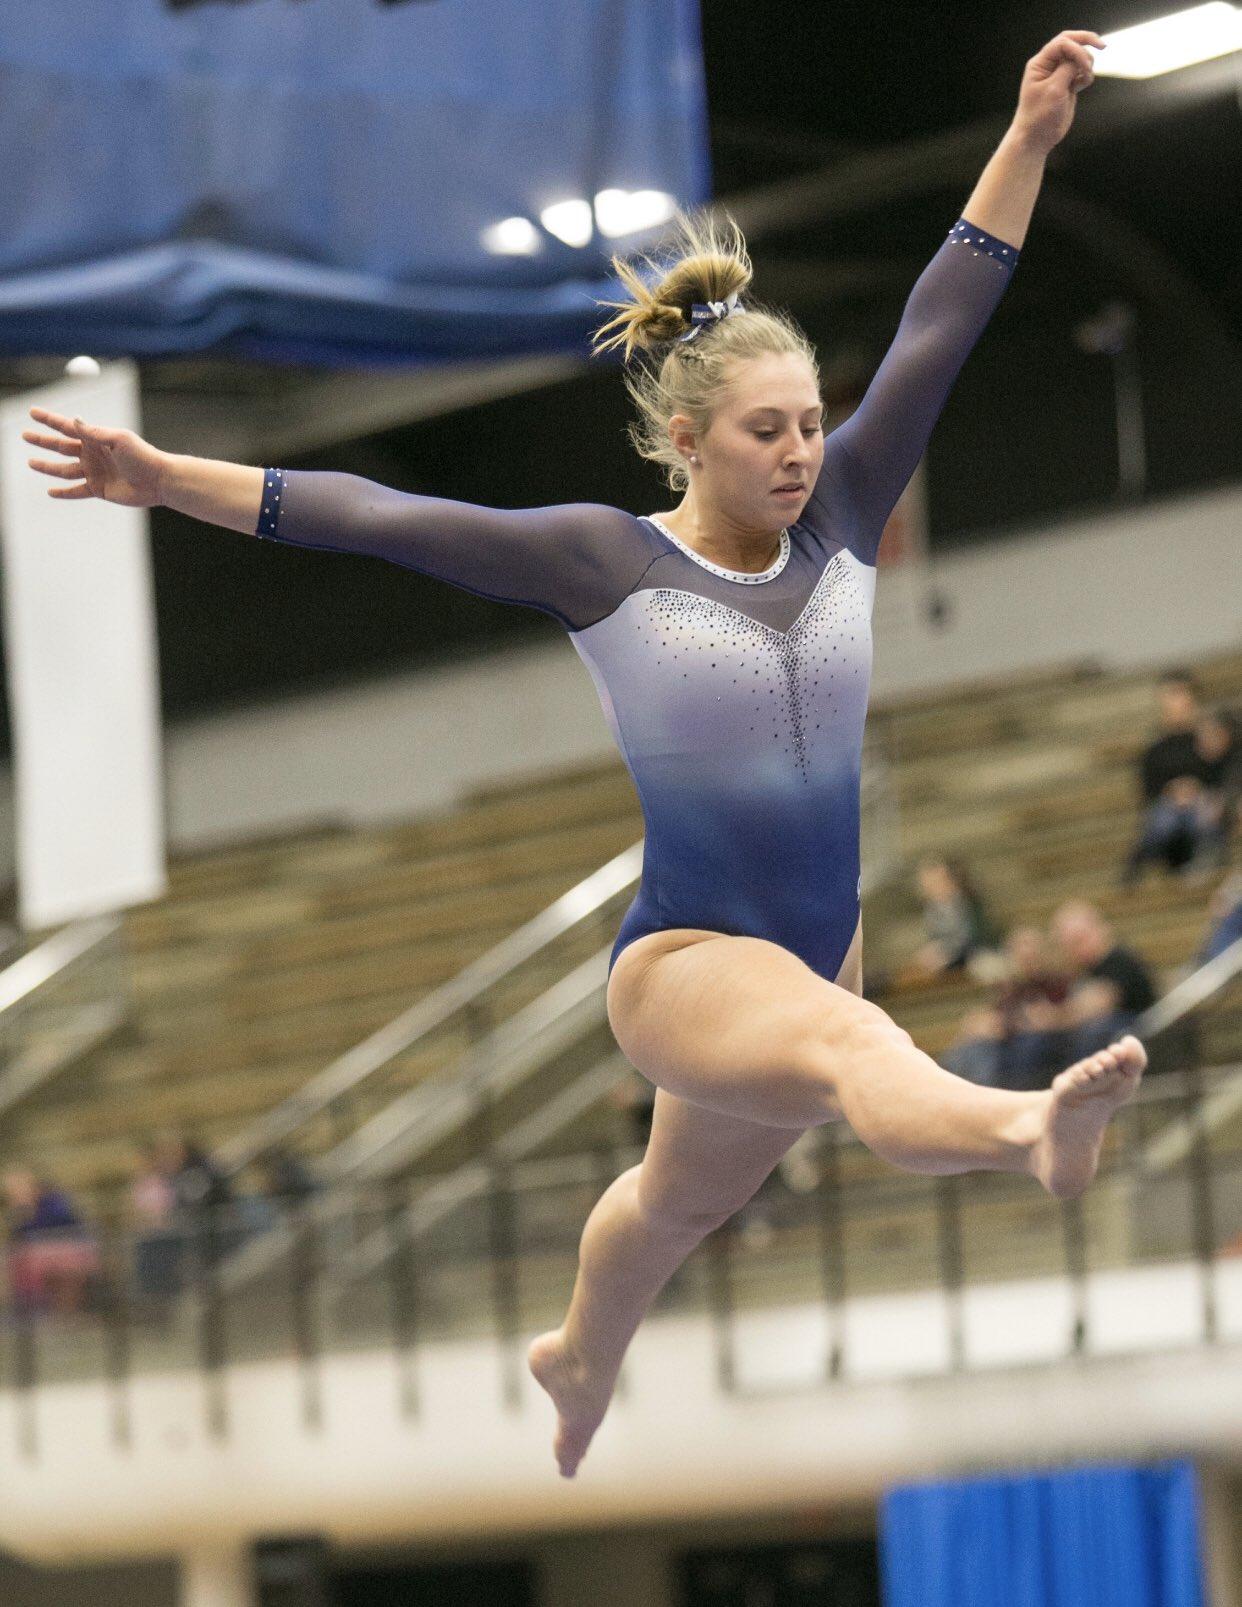 Murió la gimnasta Melanie Coleman tras lesionarse la médula espinal en un entrenamiento